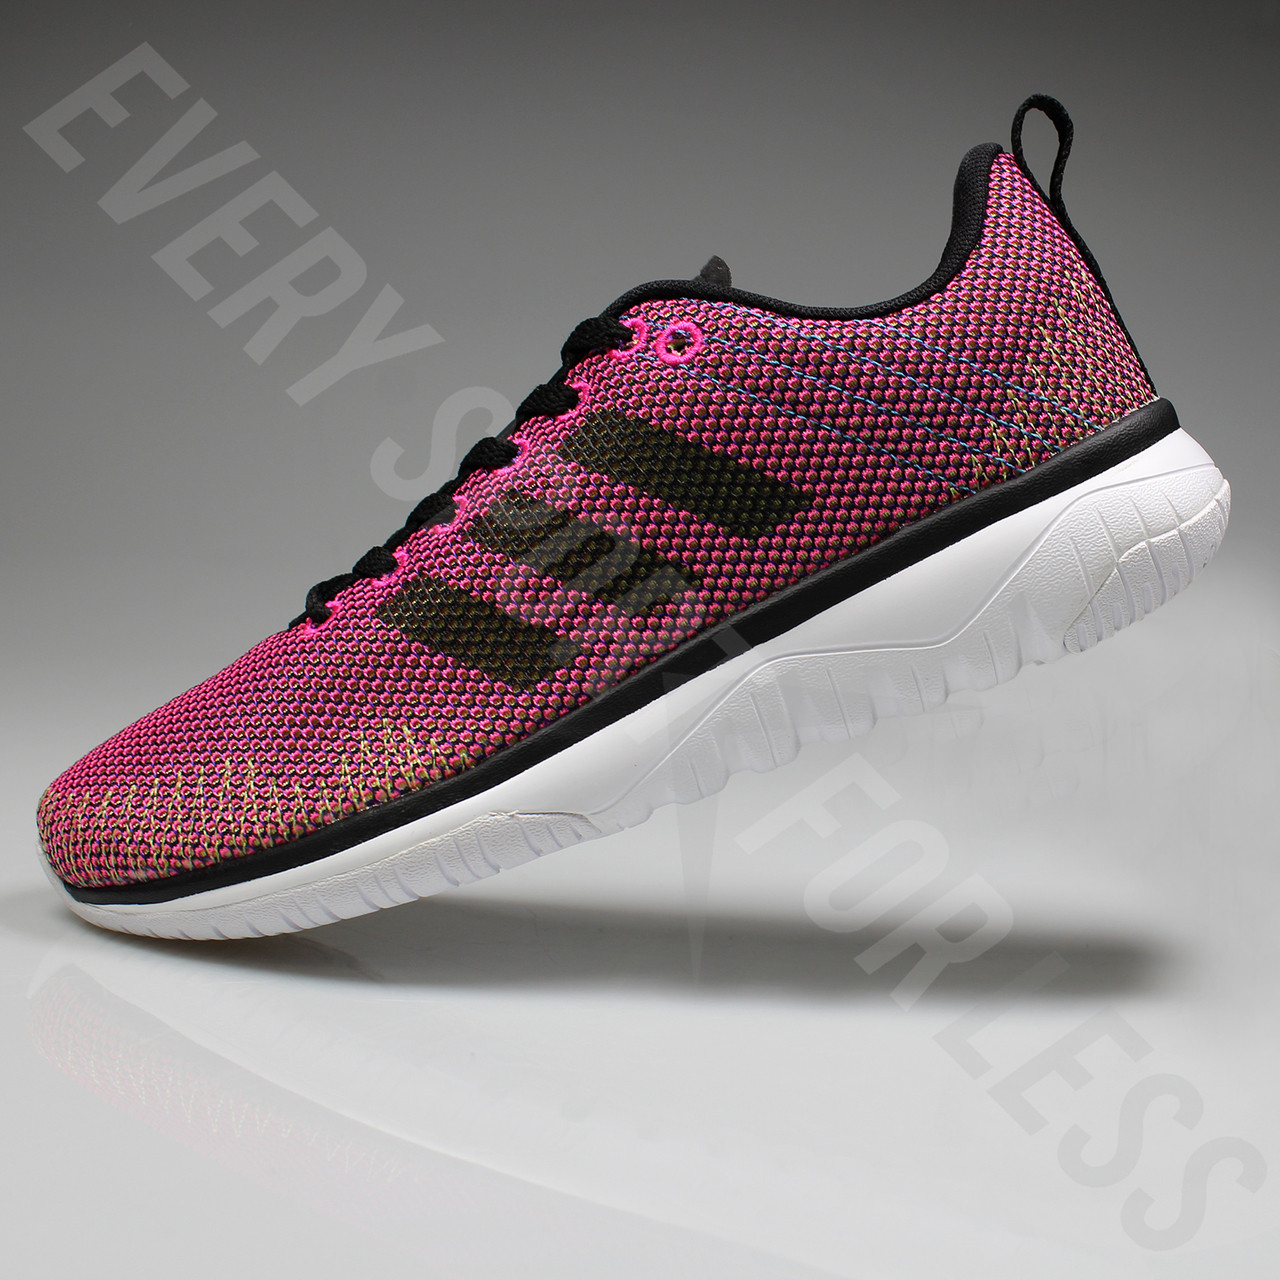 Factory Price adidas Cloudfoam Super Flex Shoes (Women